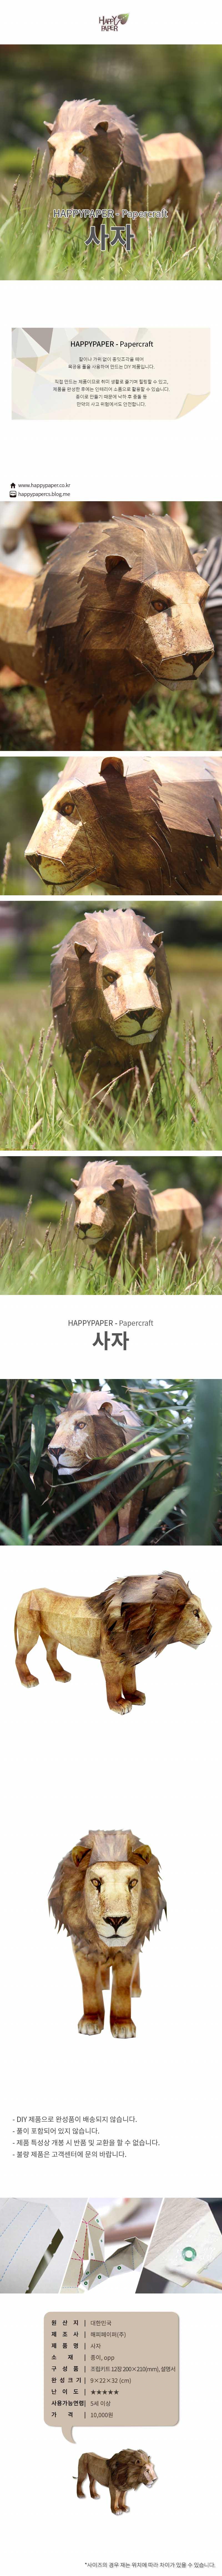 사자 만들기- DIY 페이퍼크래프트 - 해피페이퍼, 10,000원, 페이퍼 토이, 동물